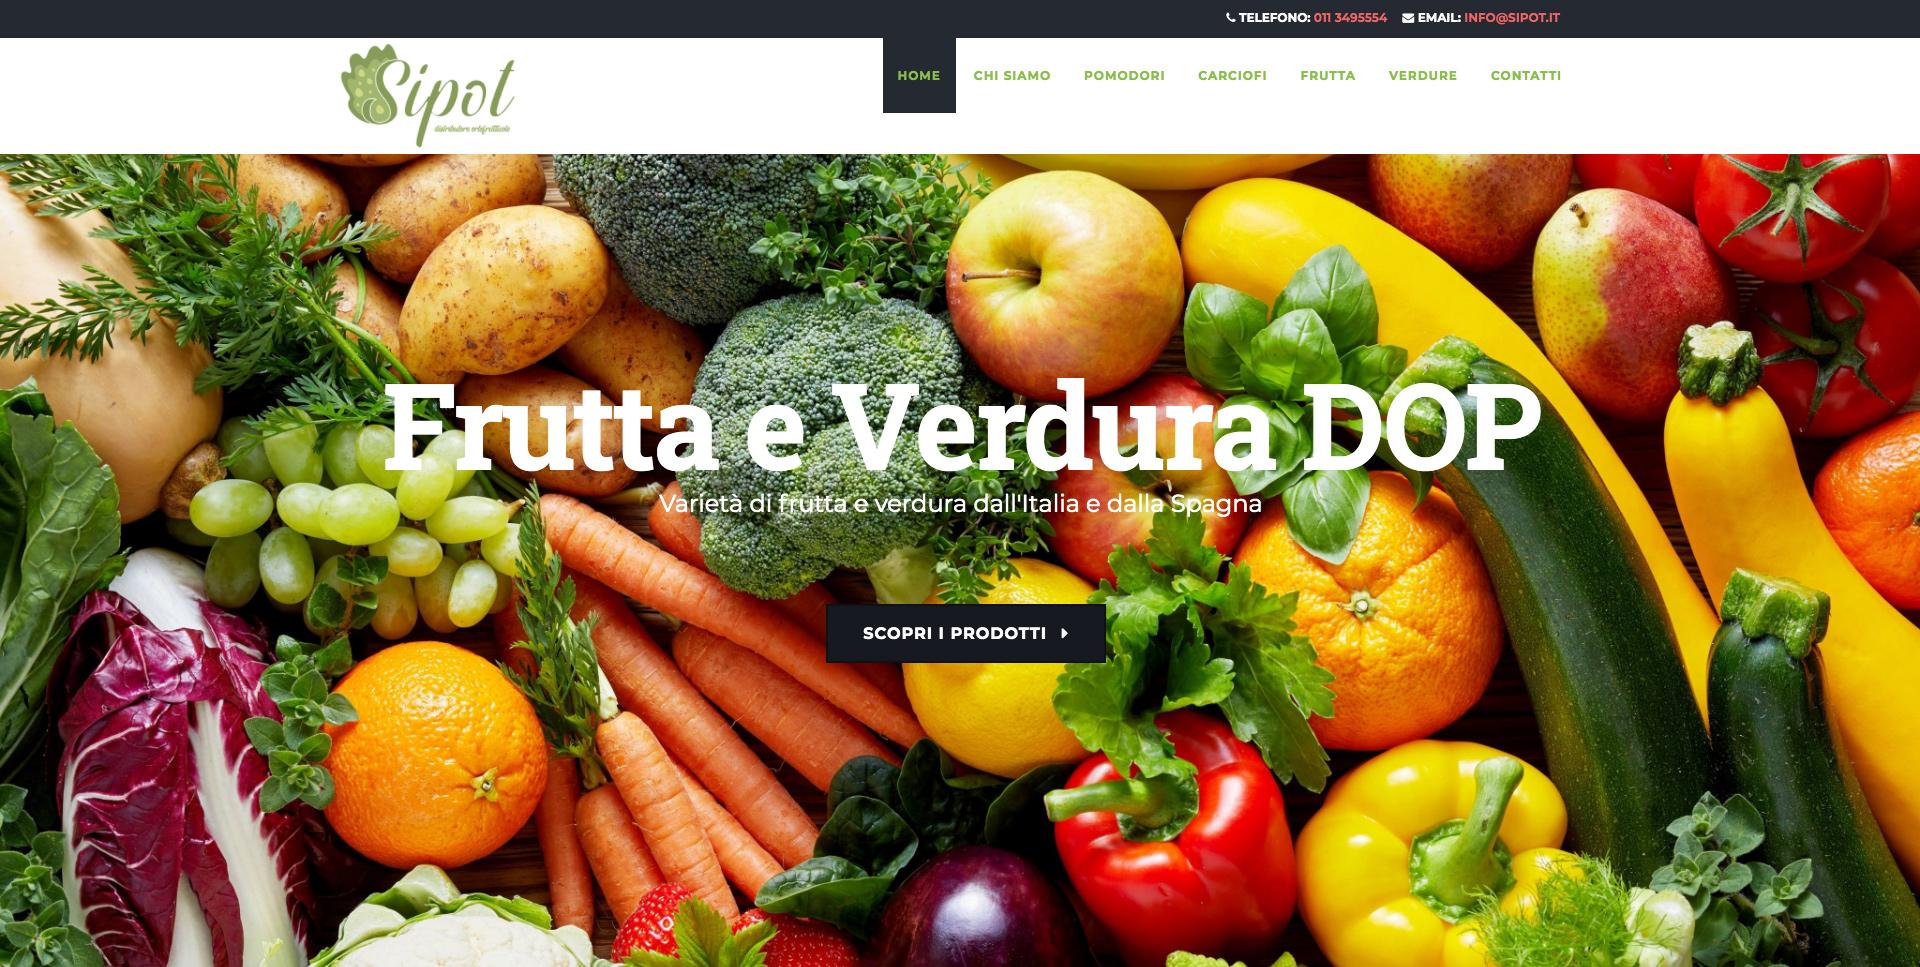 Sito Web Azienda Ortofrutticola Torino